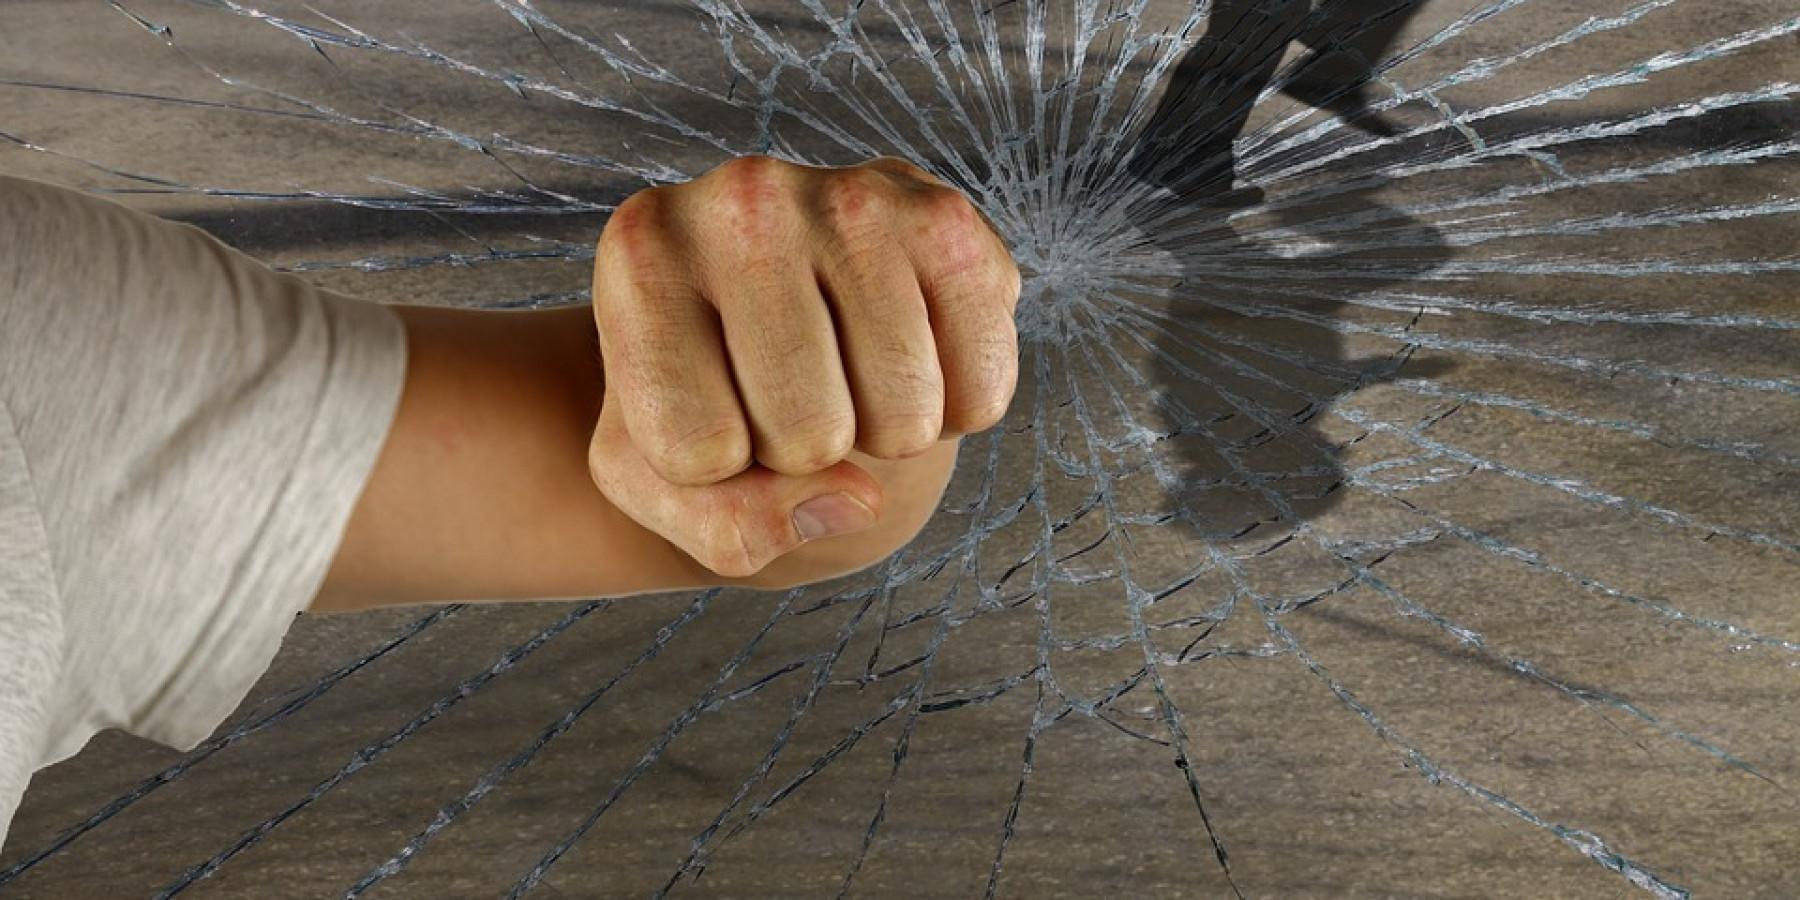 Fensterscheiben zerstört – Drei Einbrüche in Geschäftsräume